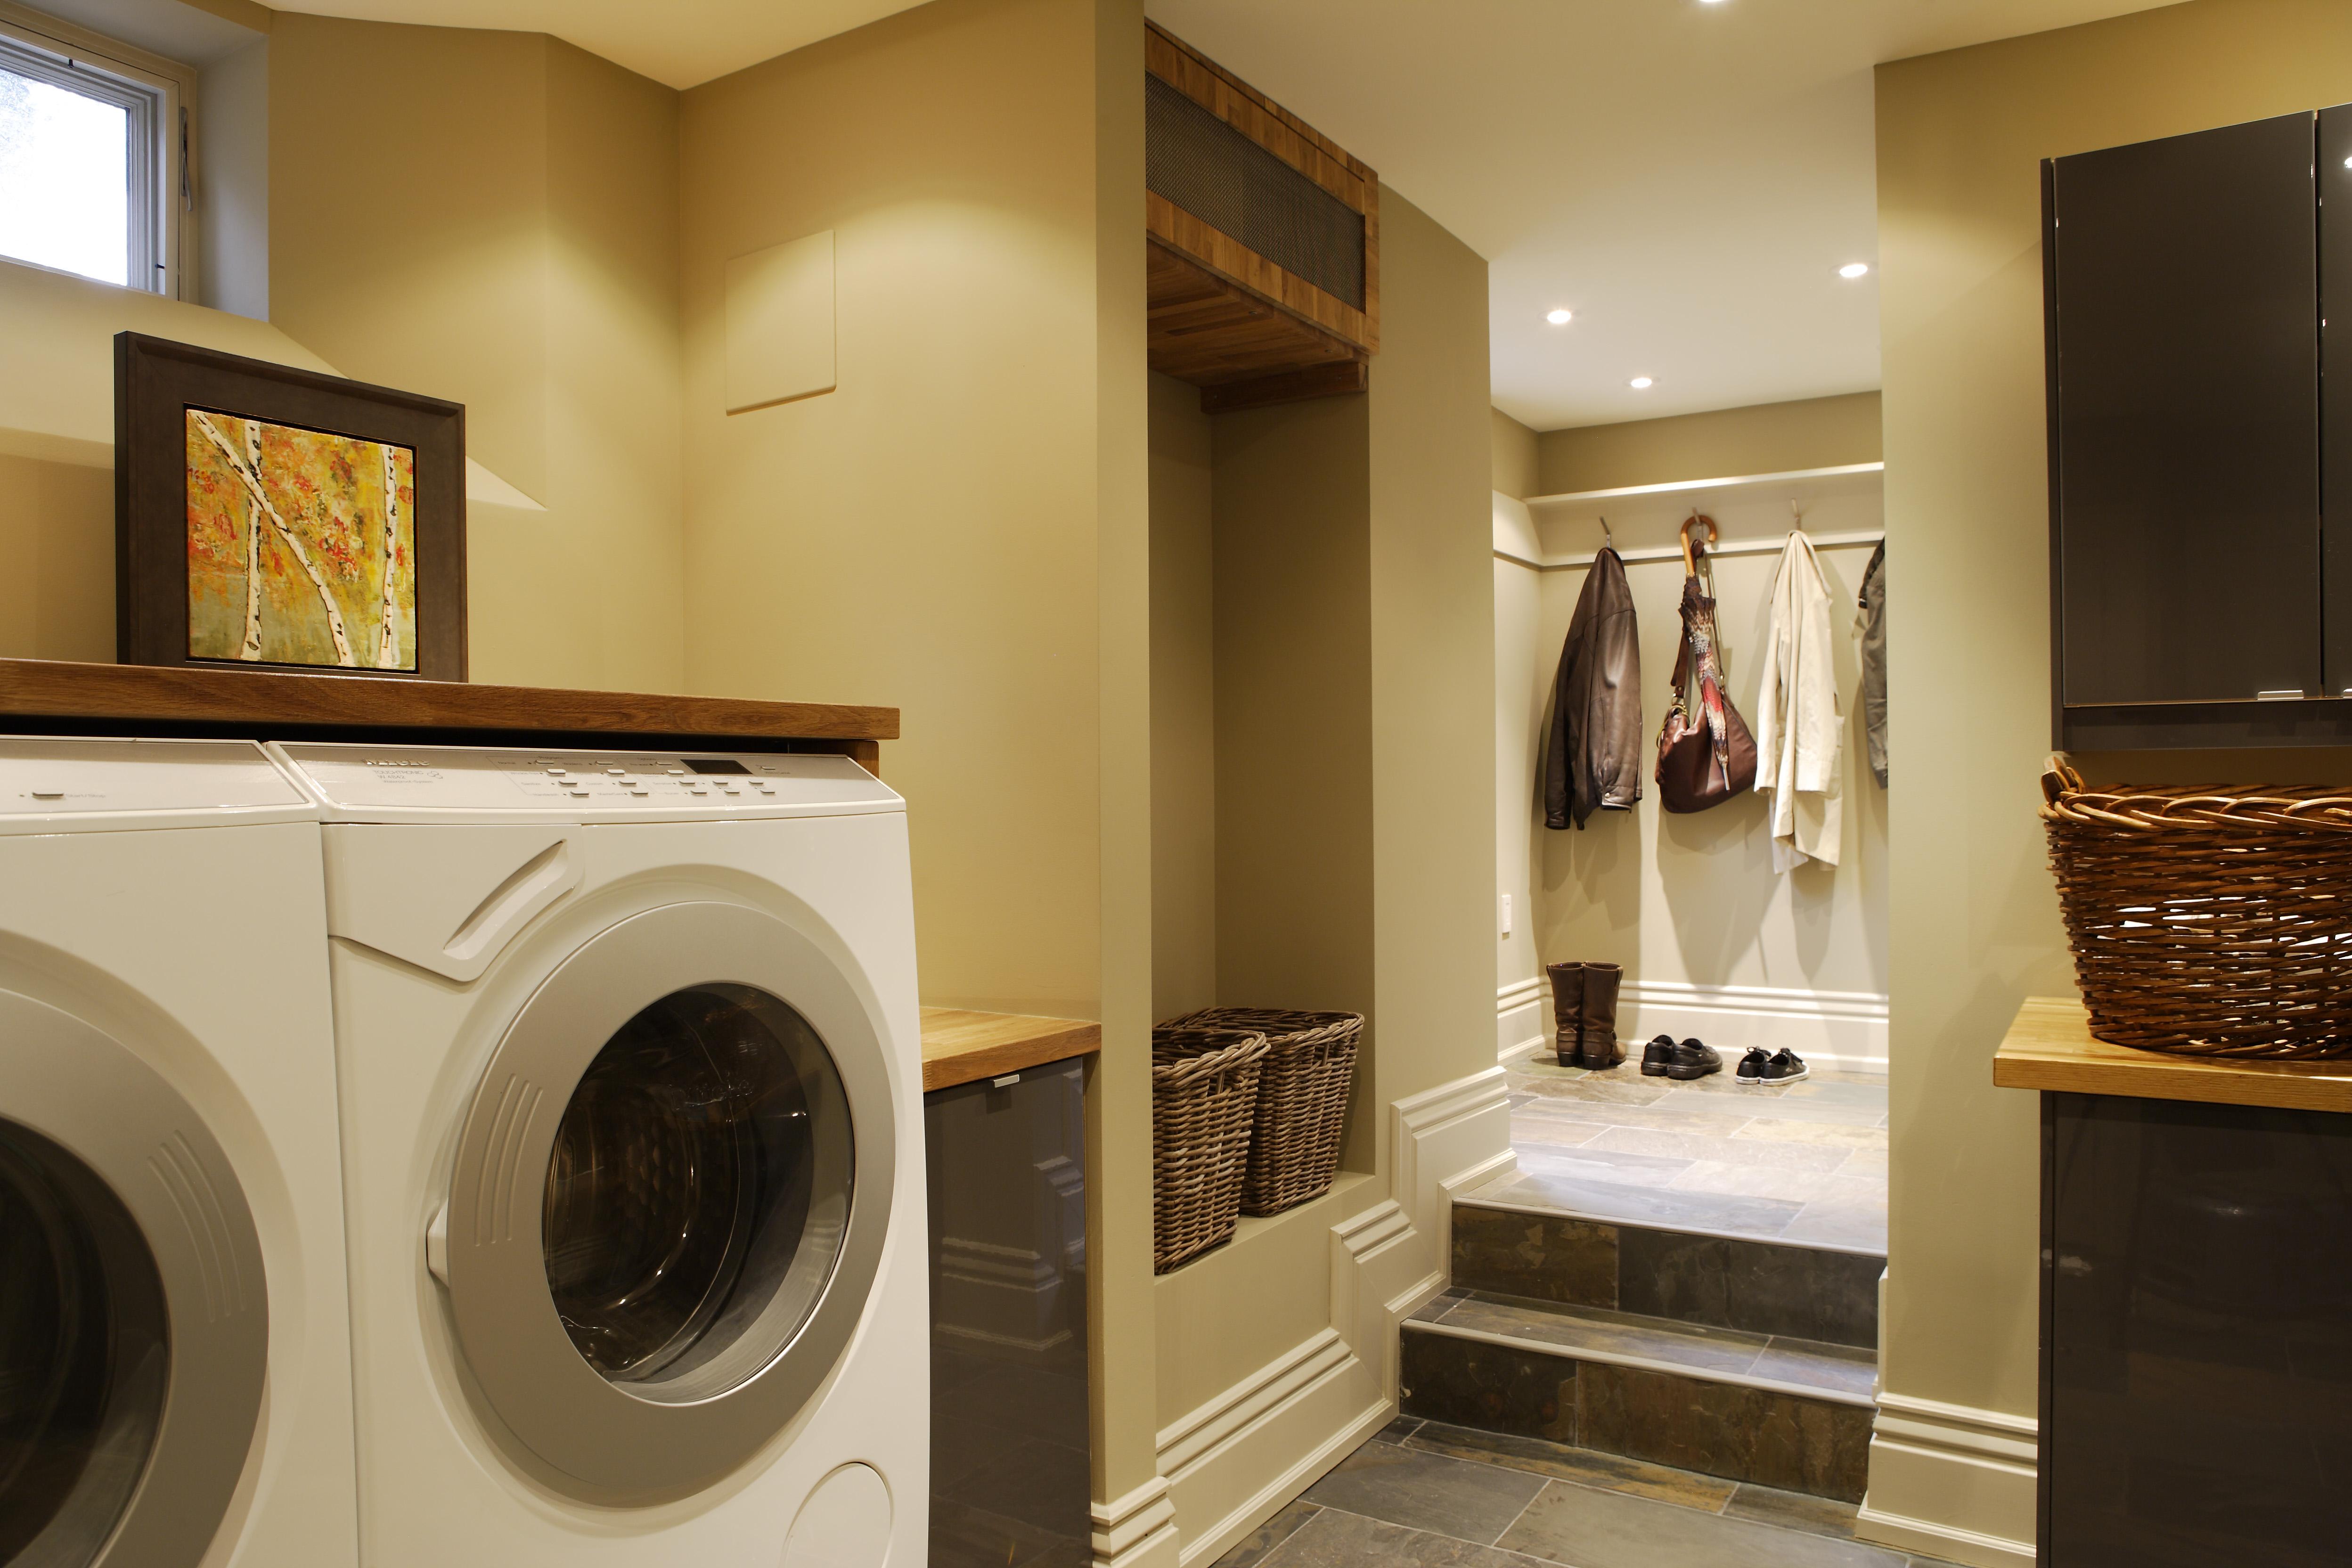 La La La Laundry Rooms Gillian Gillies S Interiors Blog